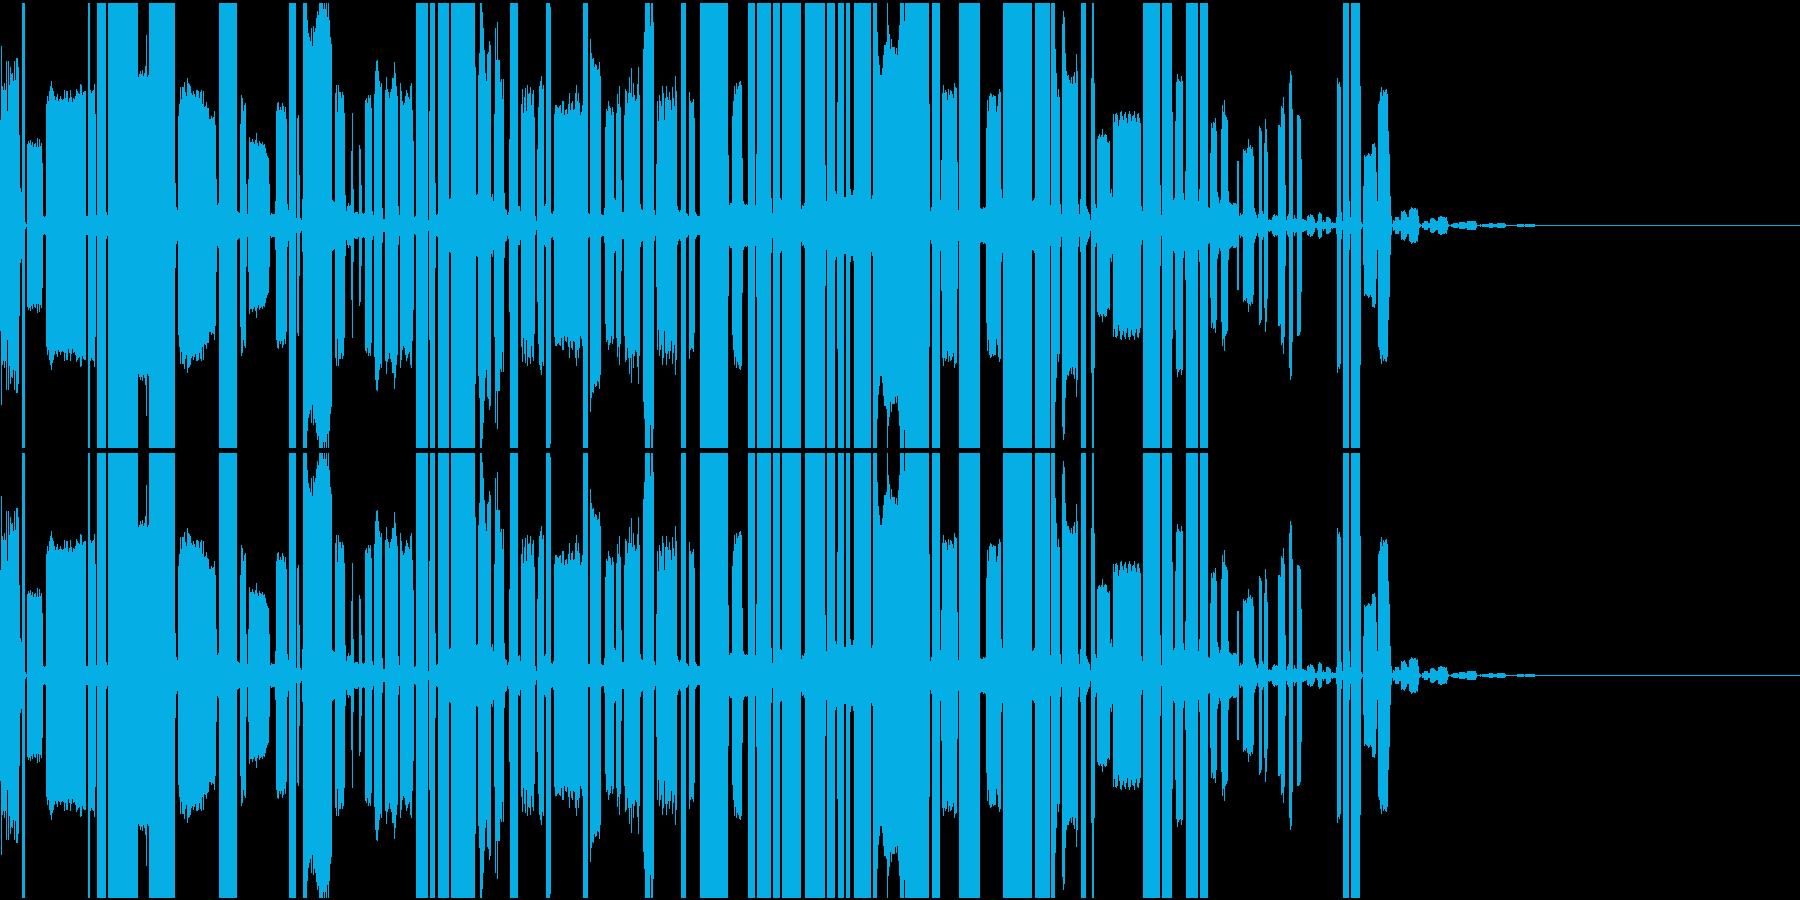 ロボットの声(長め)の再生済みの波形